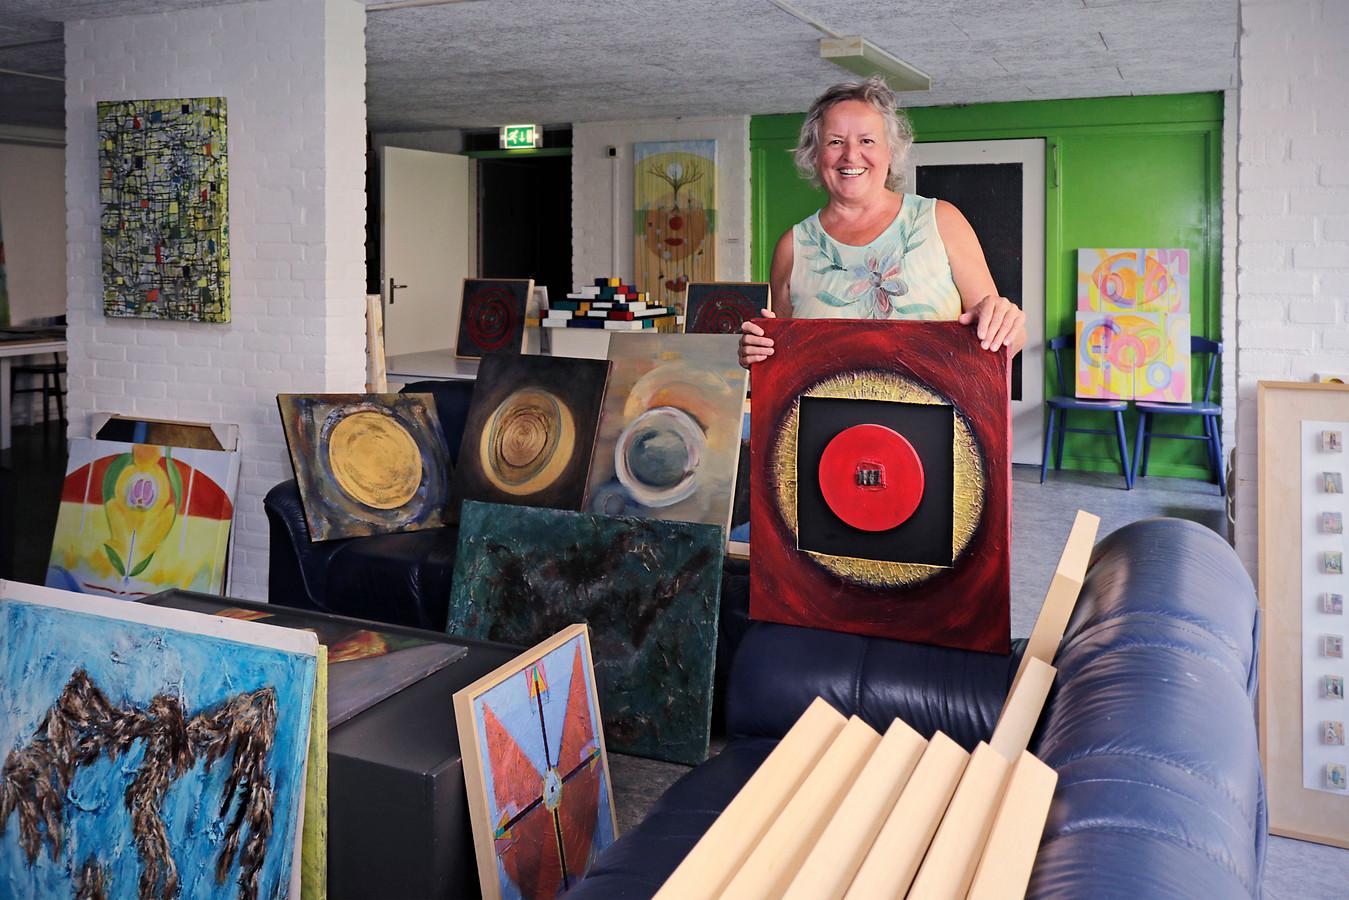 Annet Teunissen tussen haar kunst die in de verkoop ging.